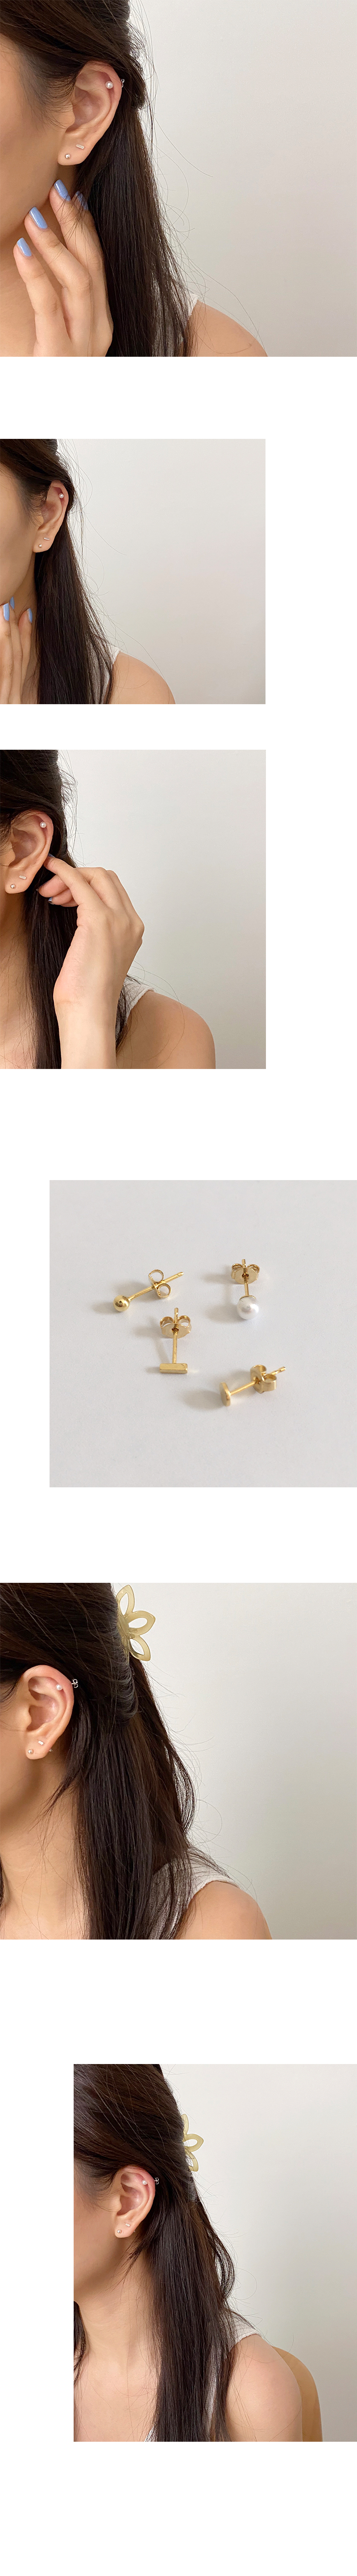 pound earring set